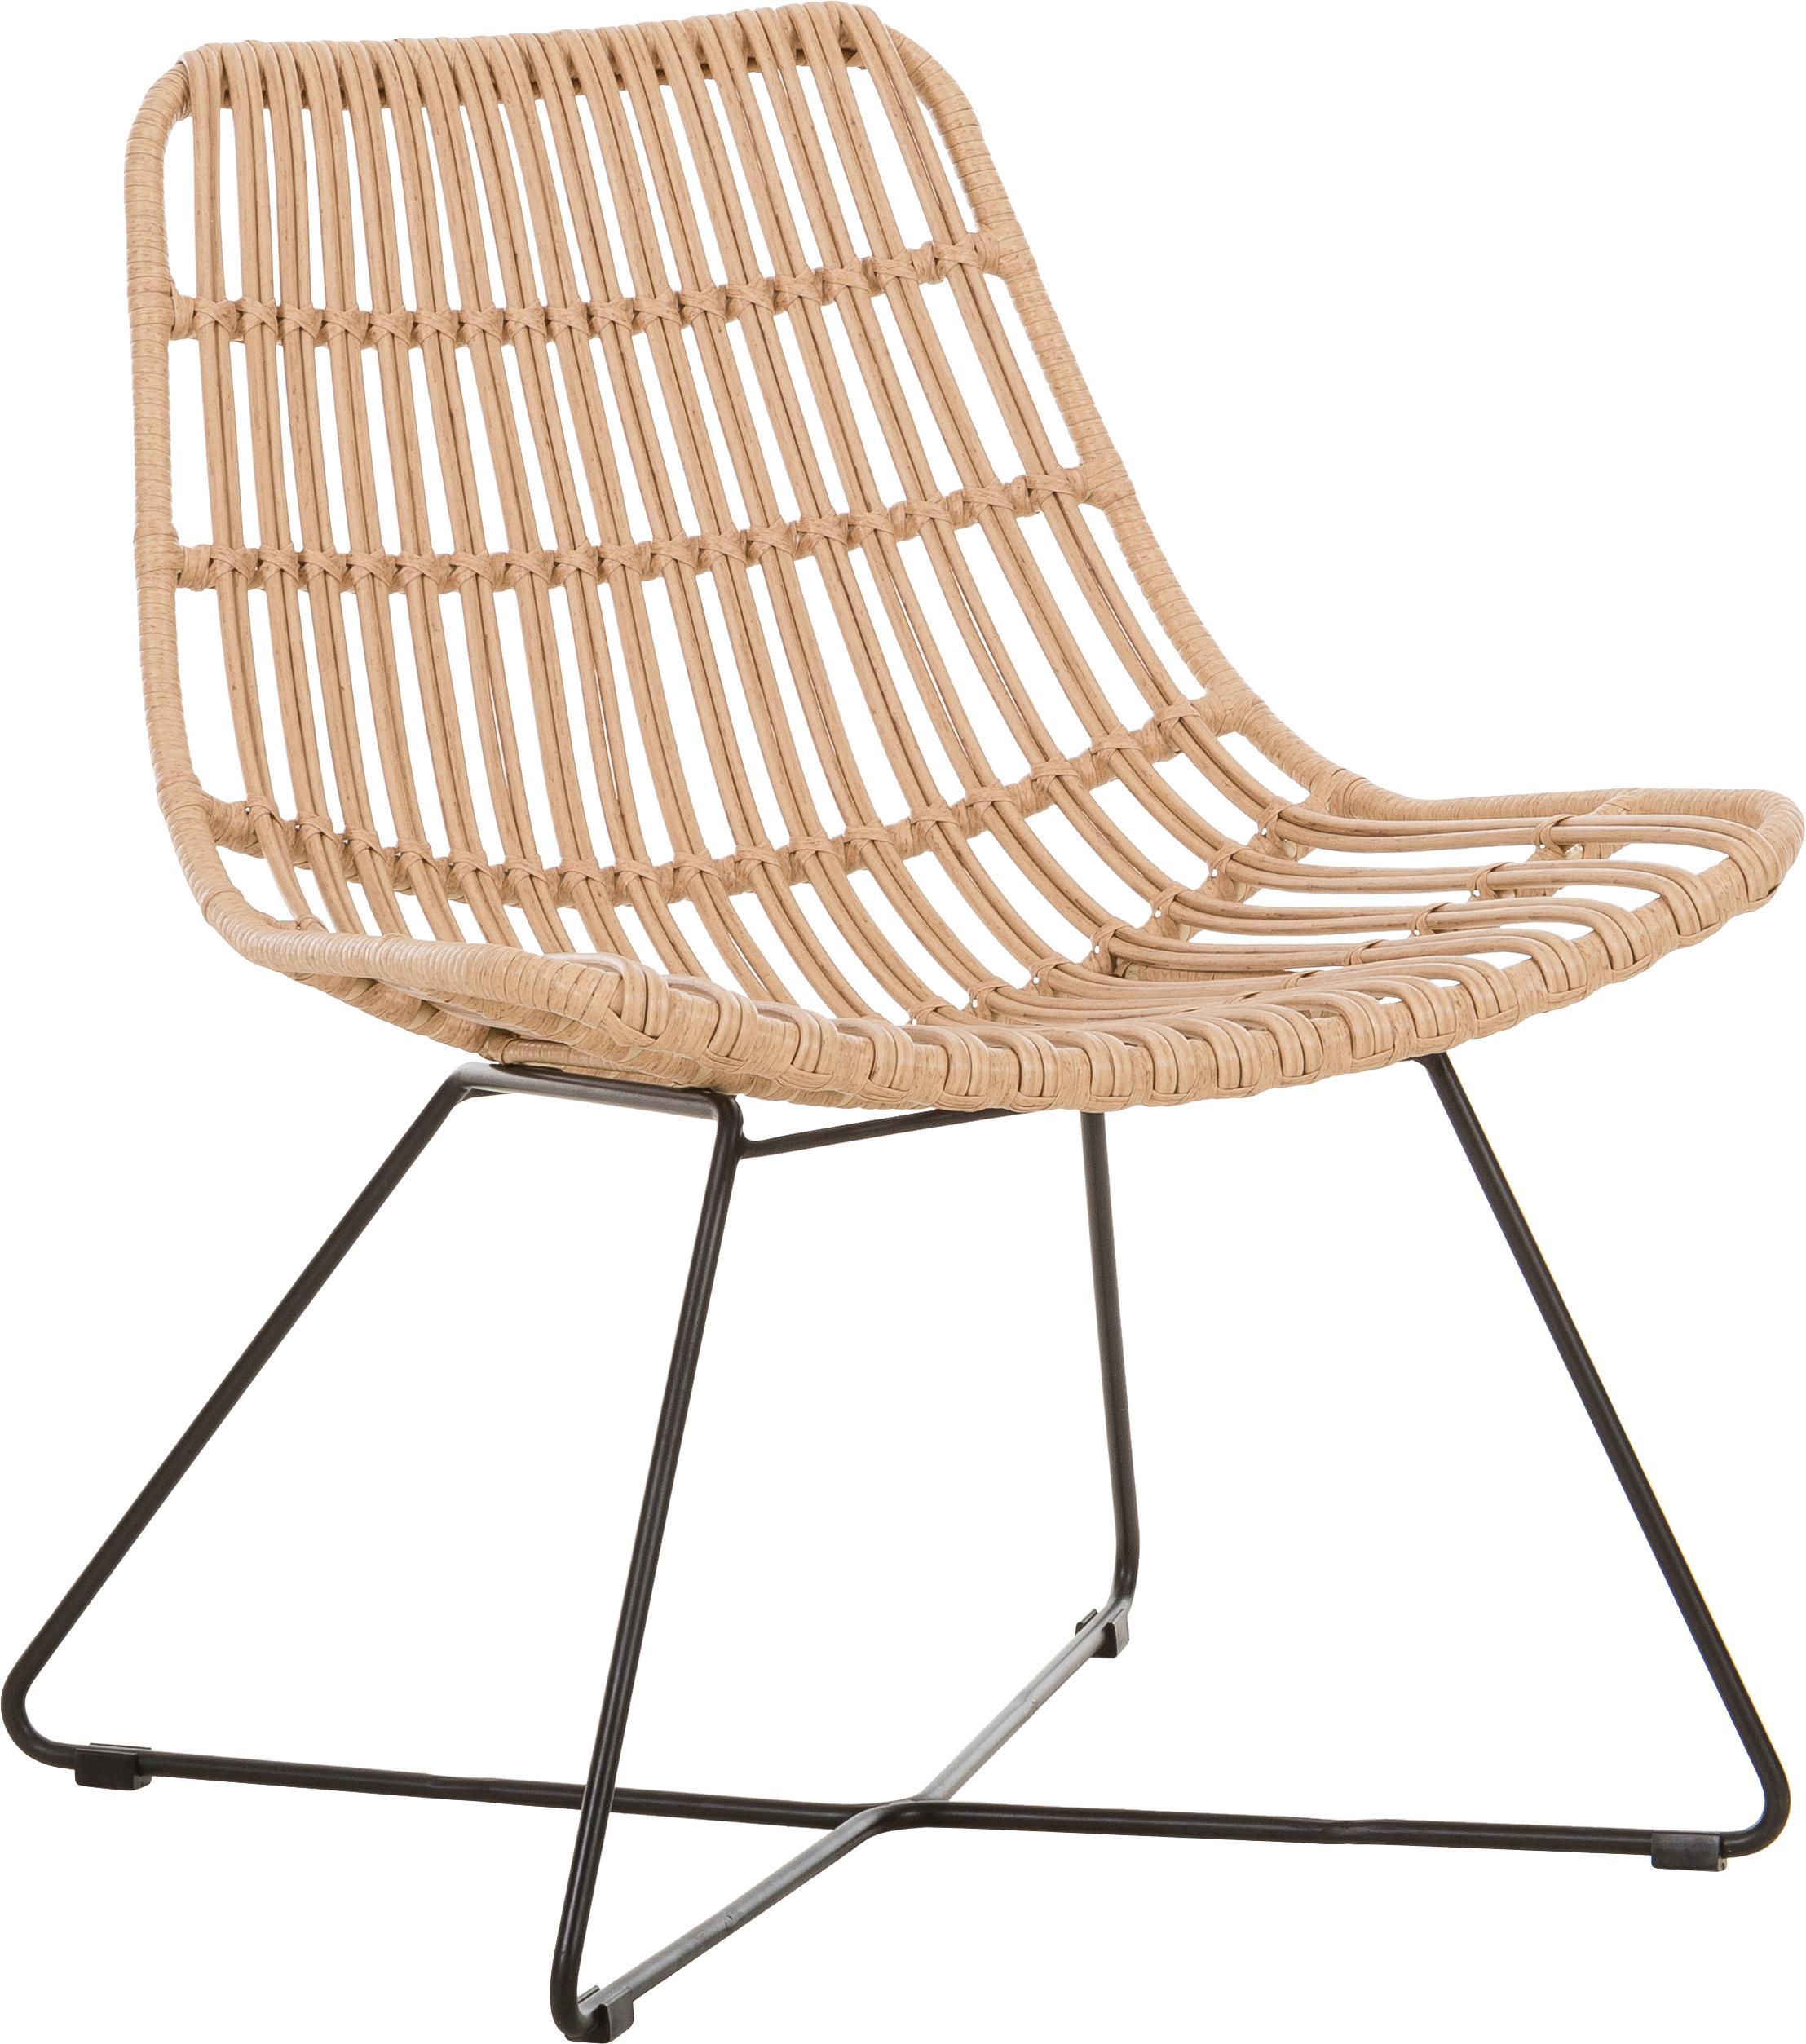 Sedia a poltrona con intreccio Sola, Seduta: treccia di polietilene, Struttura: metallo verniciato a polv, Marrone chiaro, Larg. 64 x Prof. 64 cm